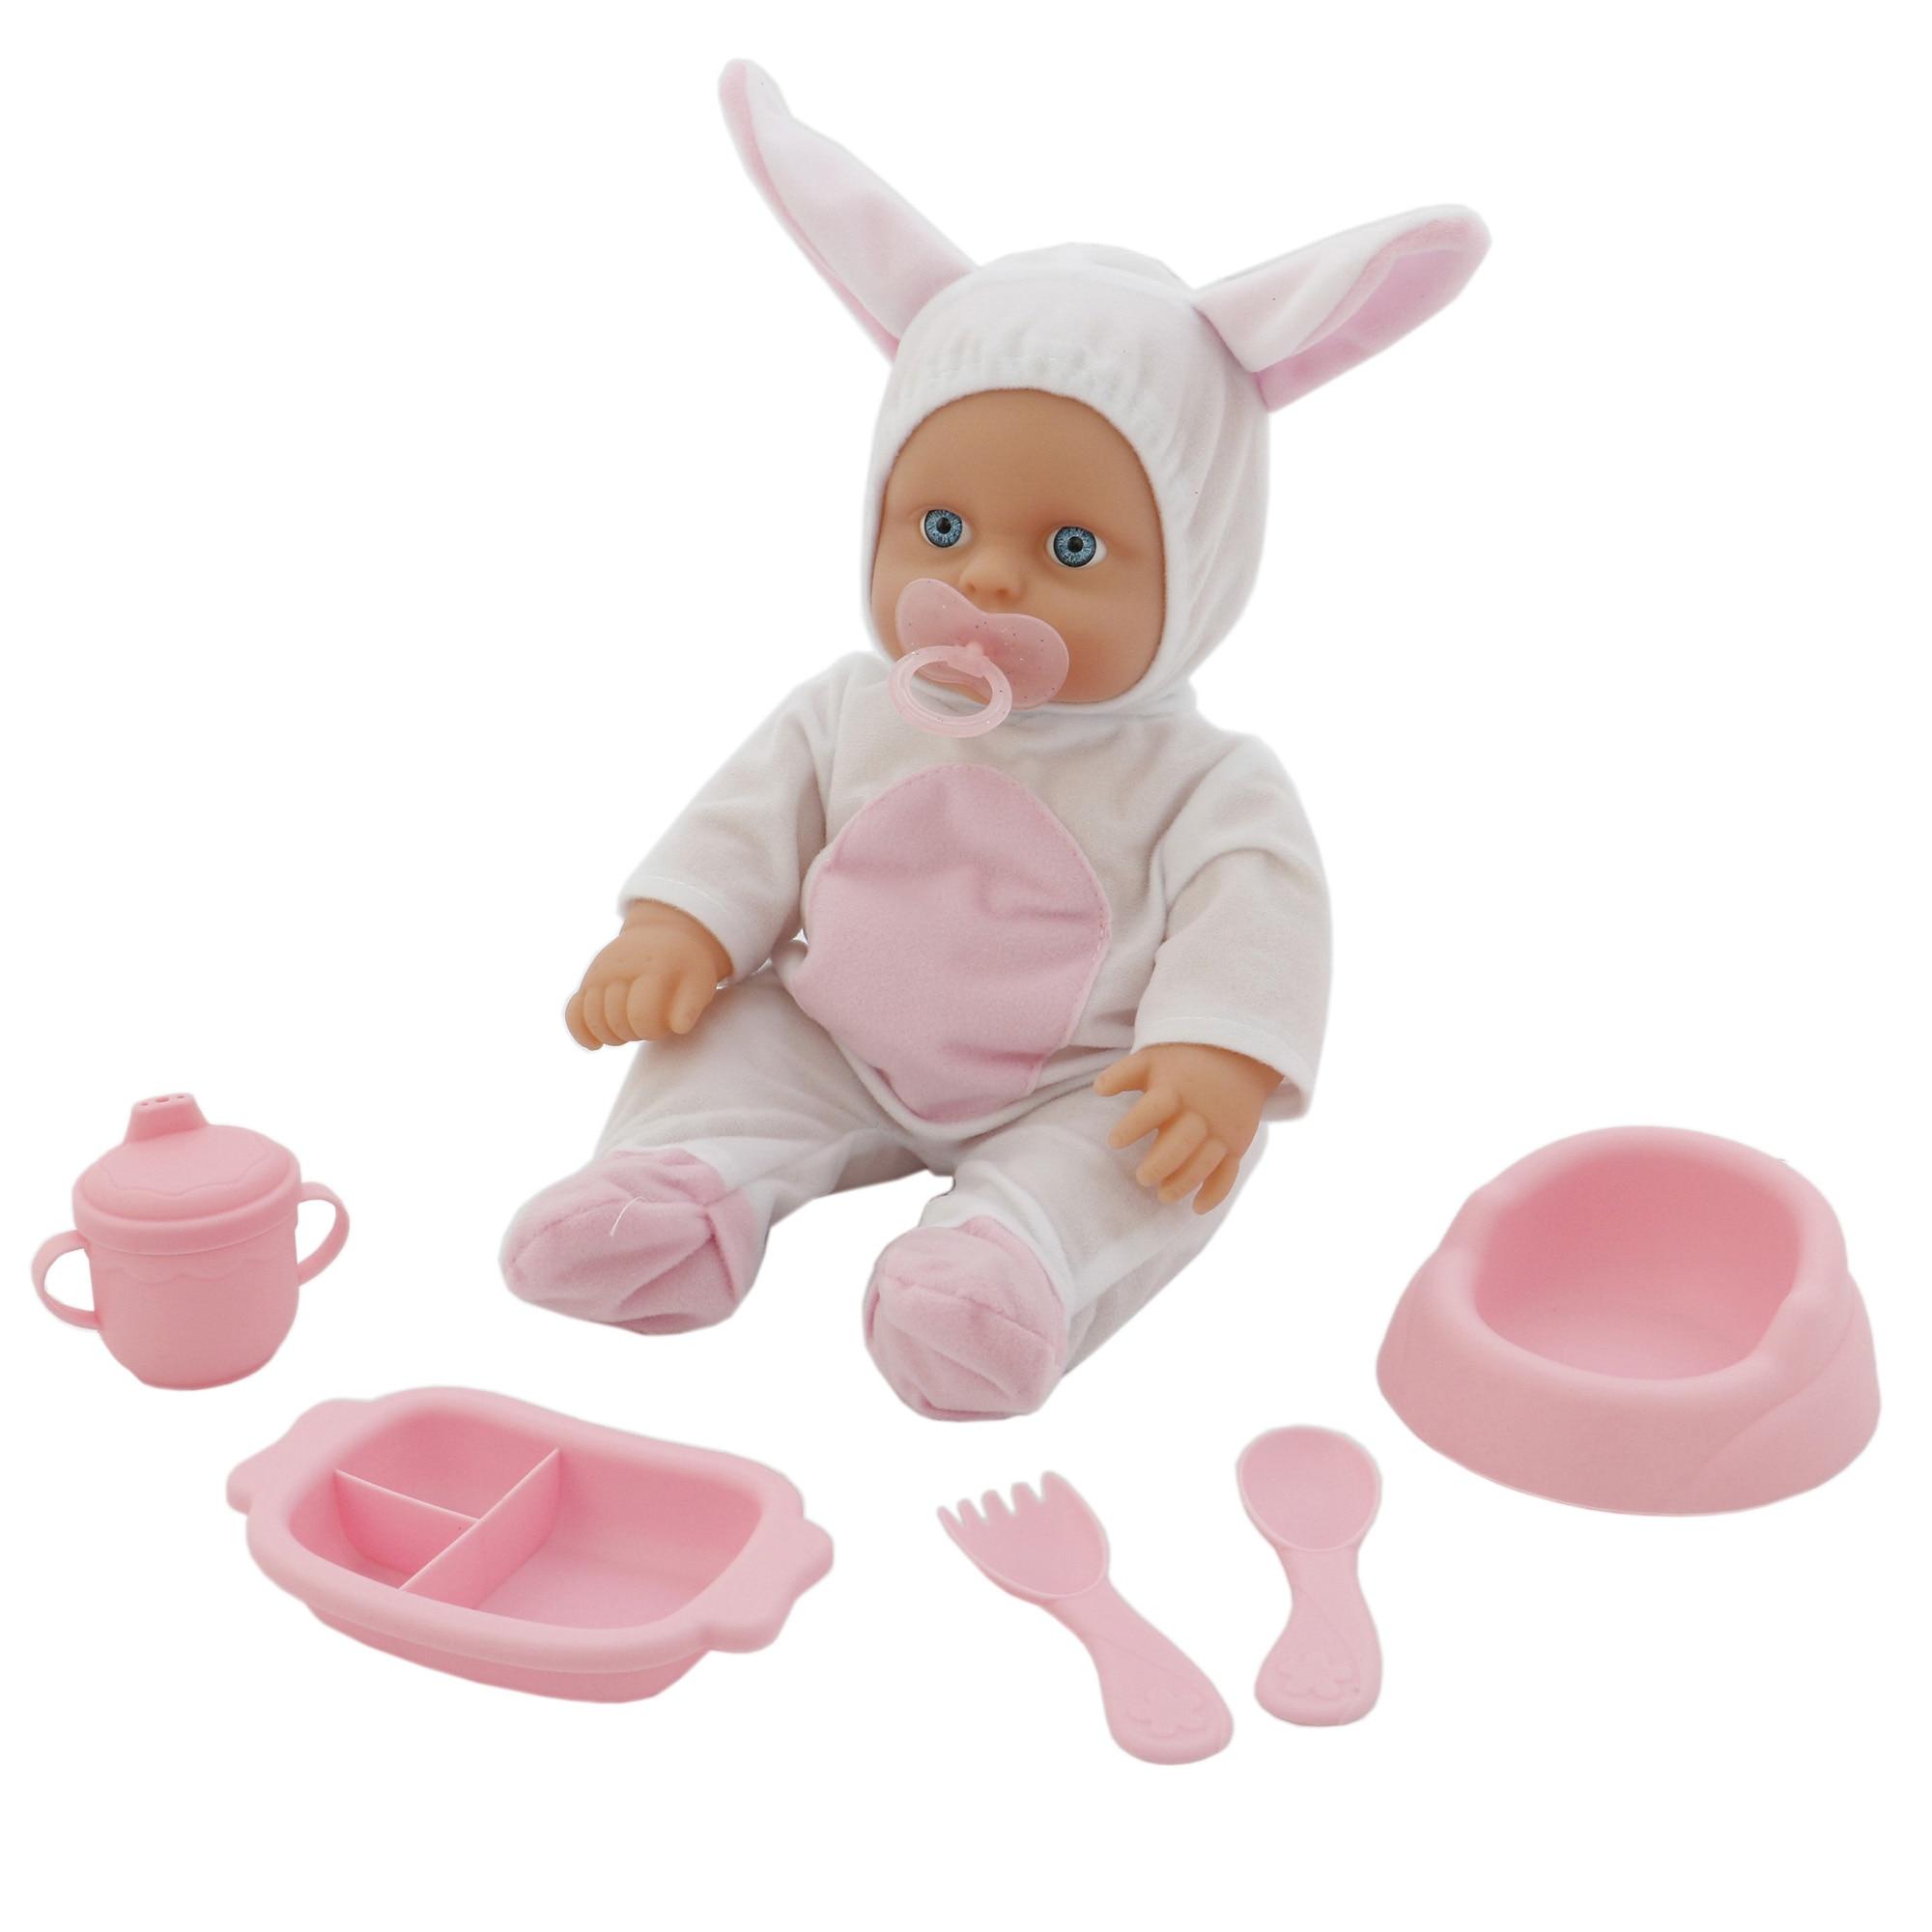 Fotografie Set papusa bebelus M-Toys cu accesorii, alb/roz, 30 cm